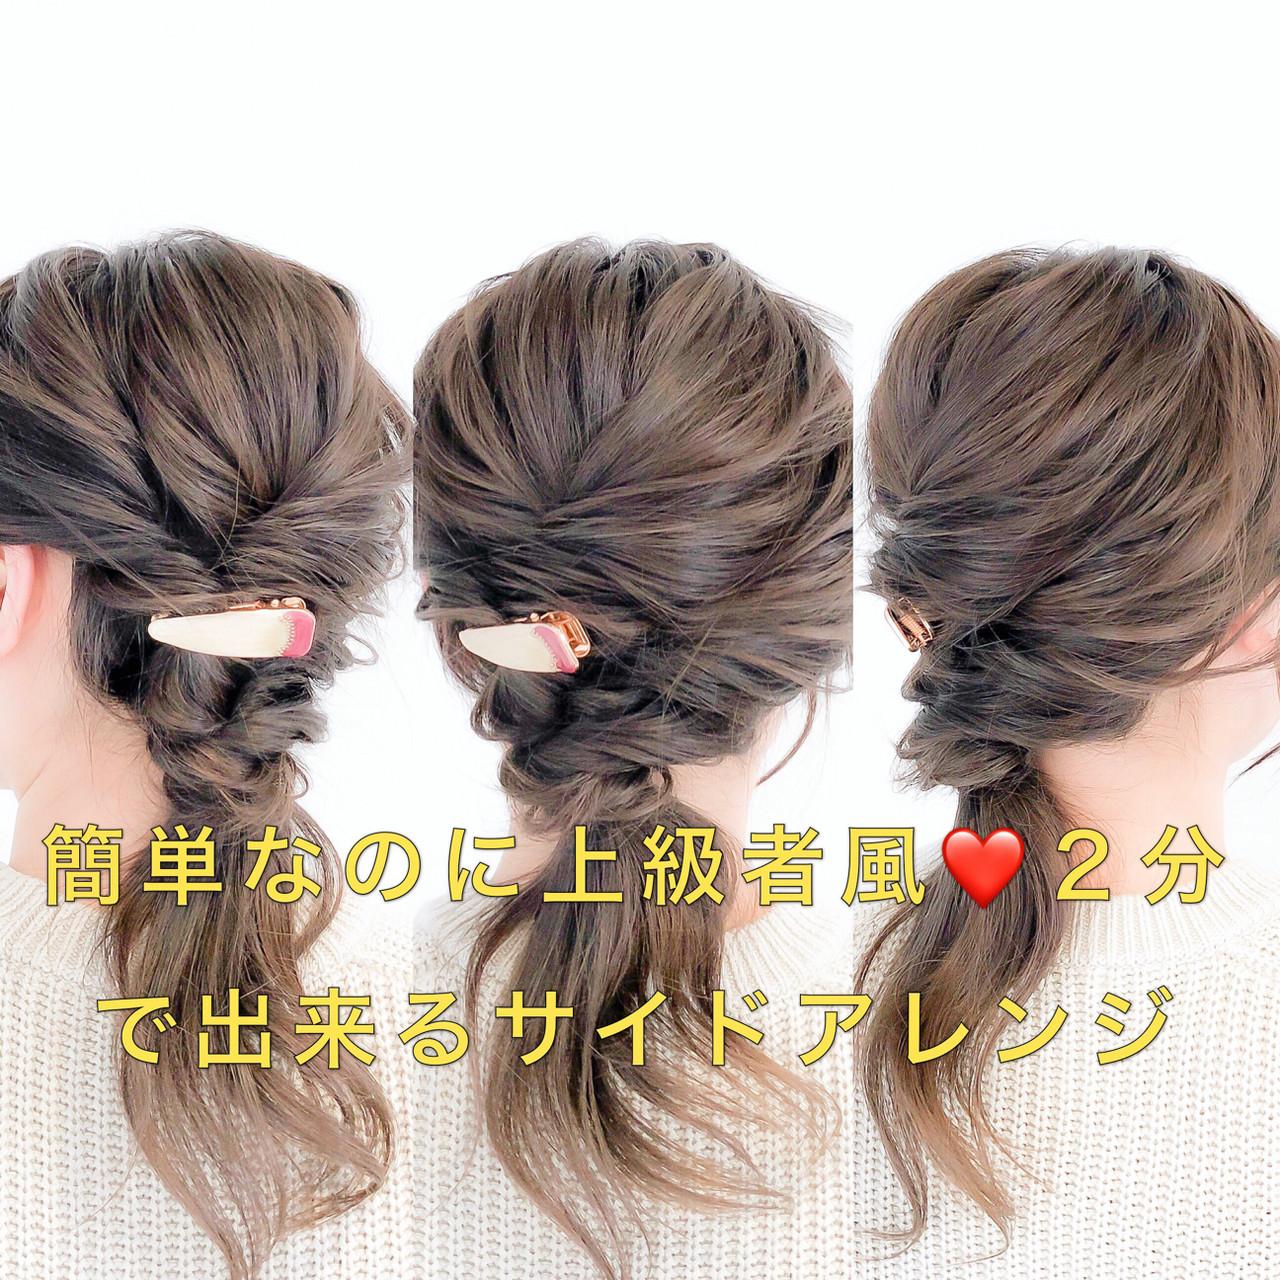 くるりんぱ フェミニン 簡単ヘアアレンジ ヘアアレンジ ヘアスタイルや髪型の写真・画像 | 美容師HIRO/Amoute代表 / Amoute/アムティ